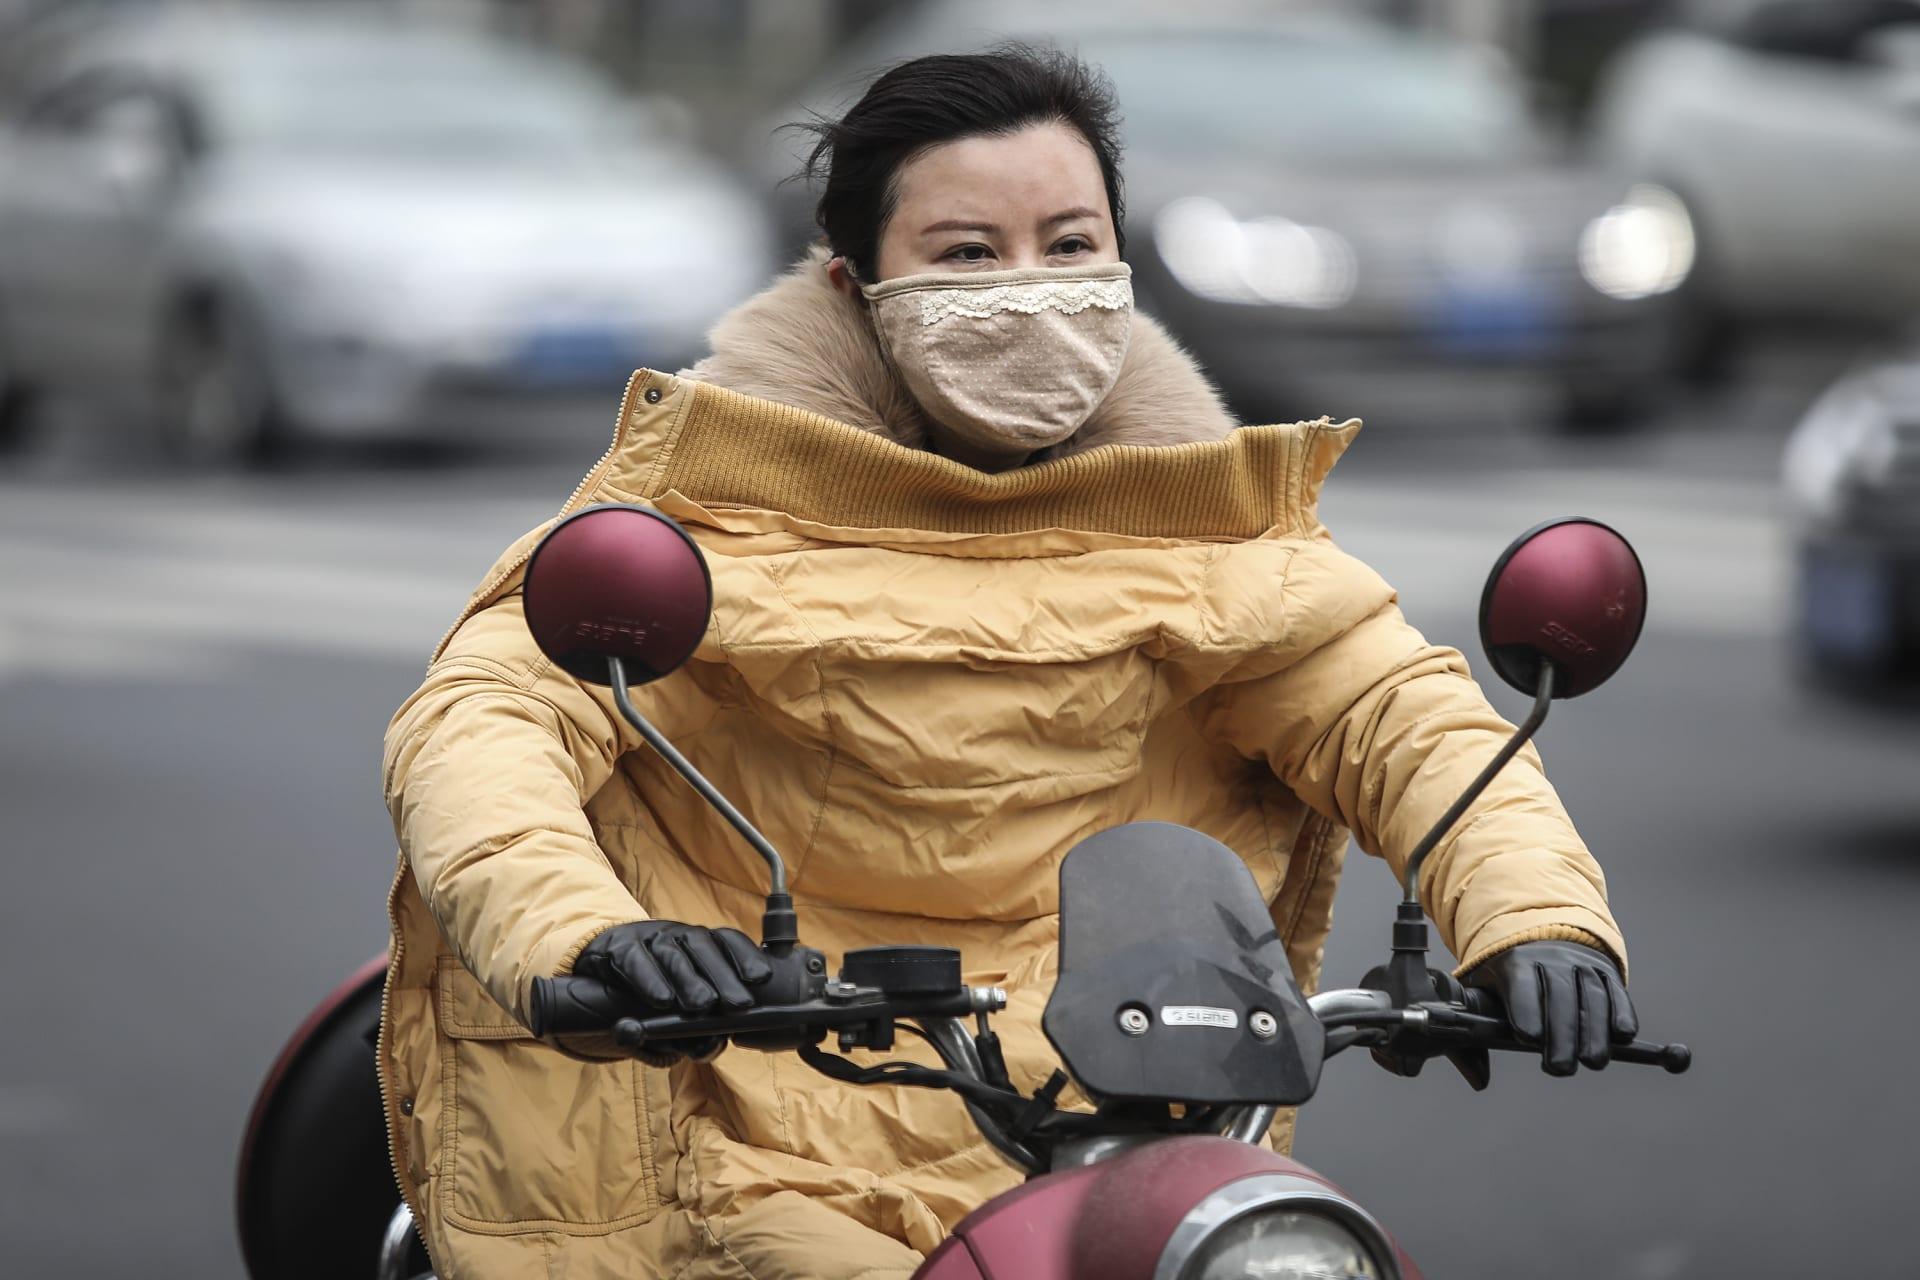 دراسة تحذر من أن حالات الإصابة بالفيروس التاجي بالصين خُفضت بشكل كبير